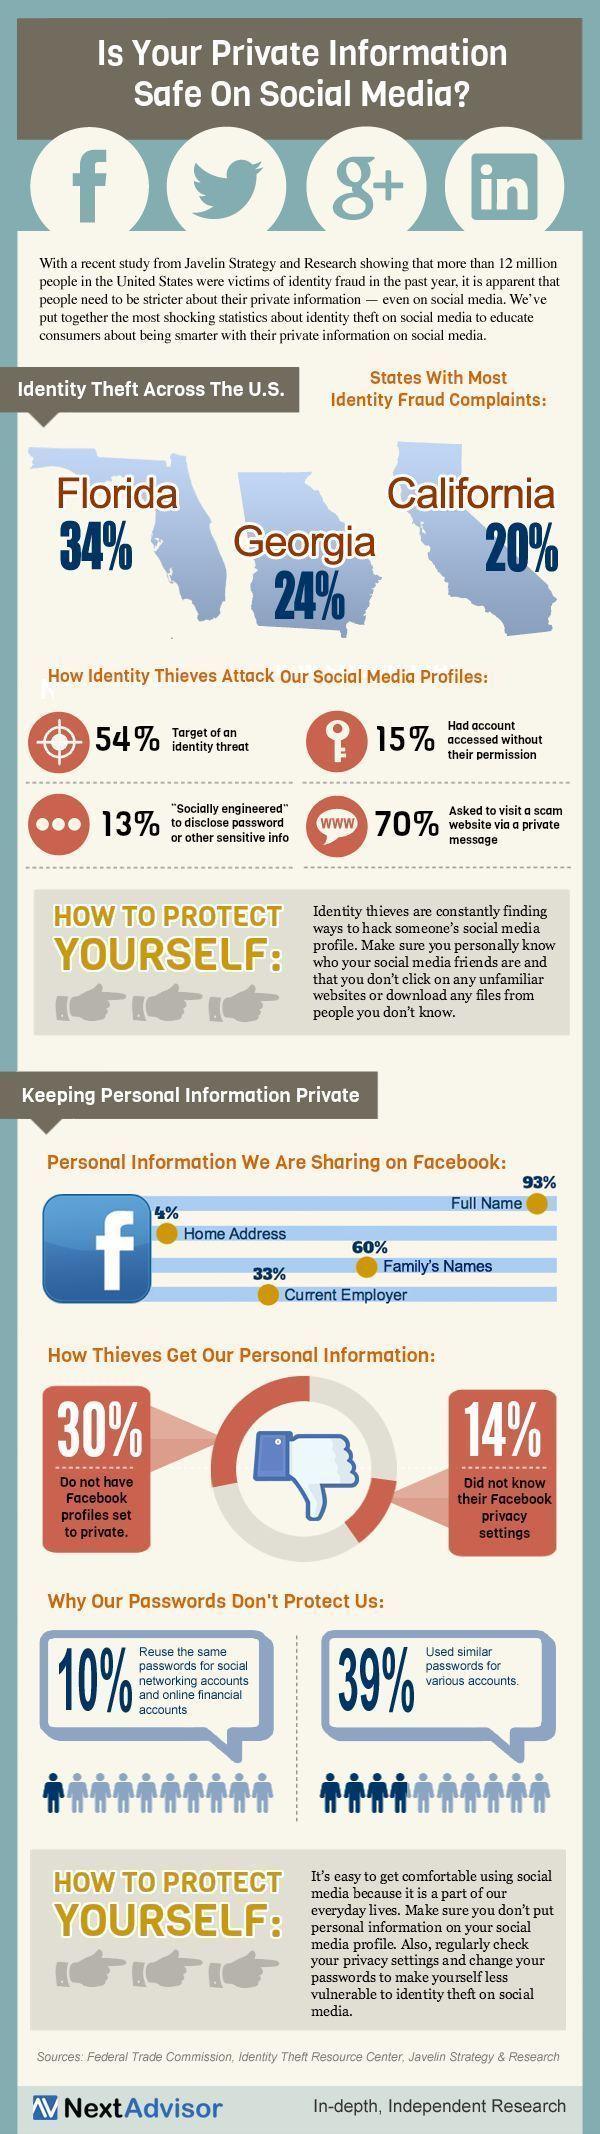 personal privacy in social media